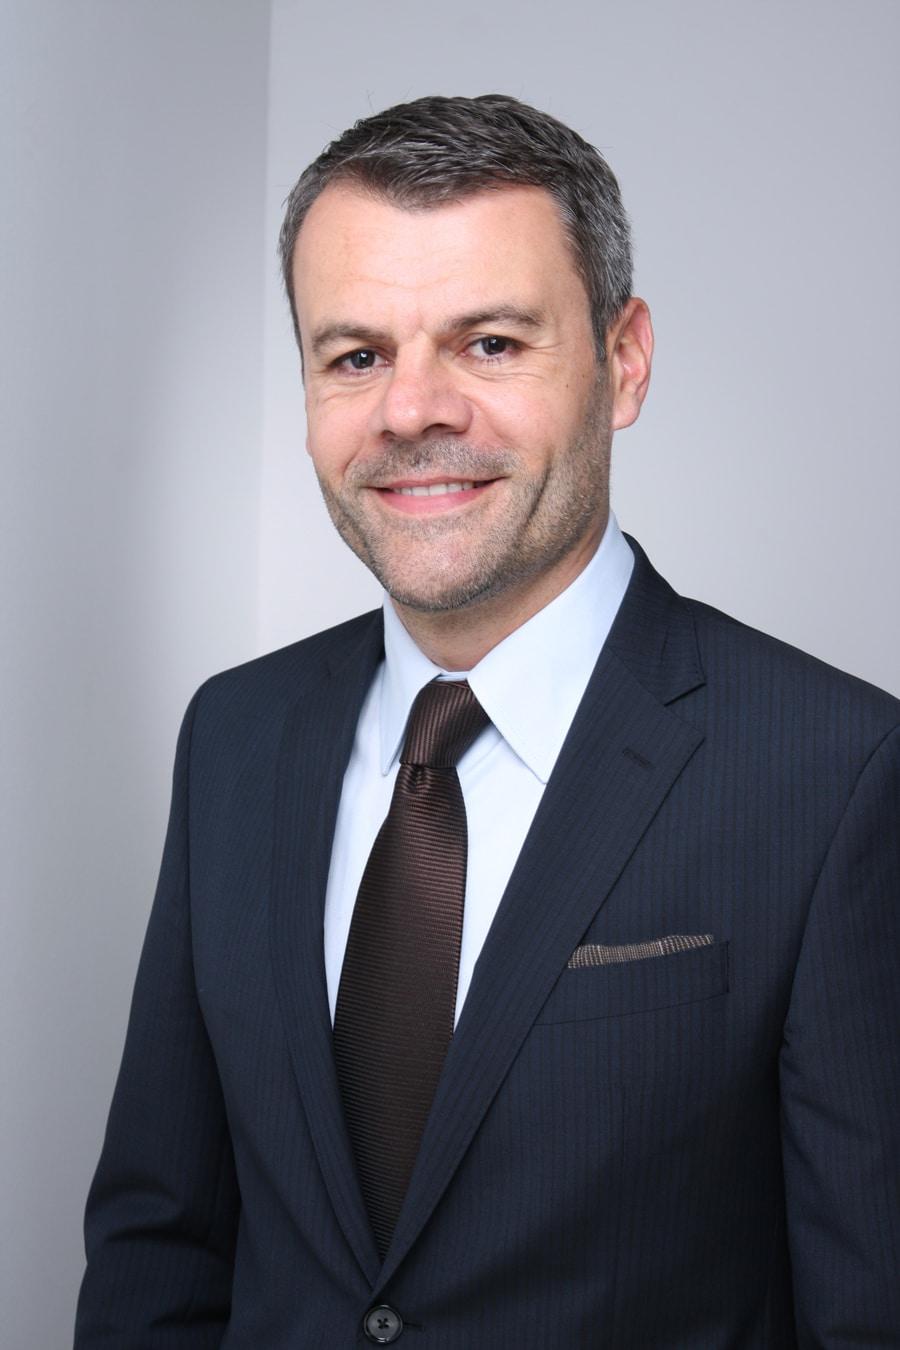 Lars Oehlmann, der neue General Manager Northern Europe bei Vacheron Constantin